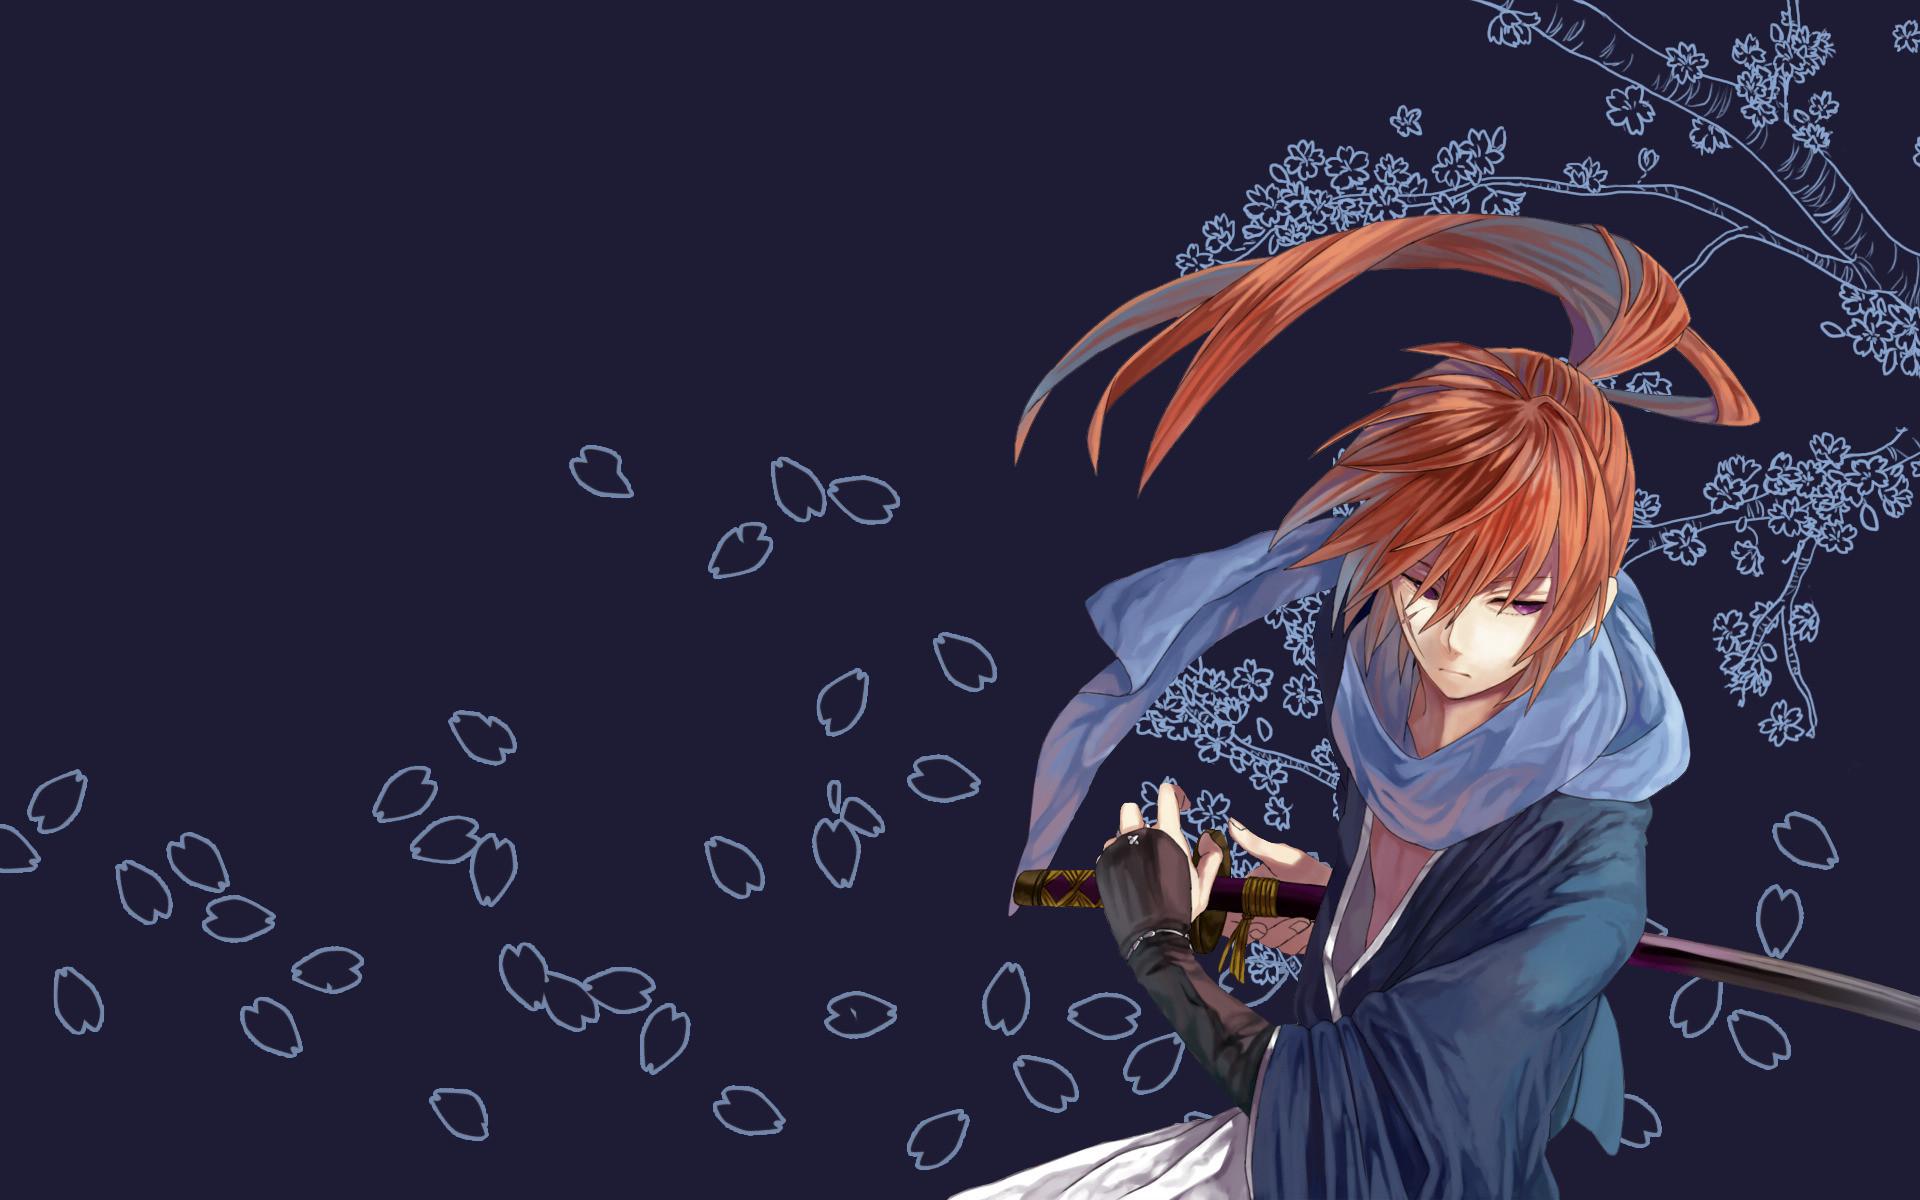 Rurouni Kenshin Wallpaper HD (52+ images)